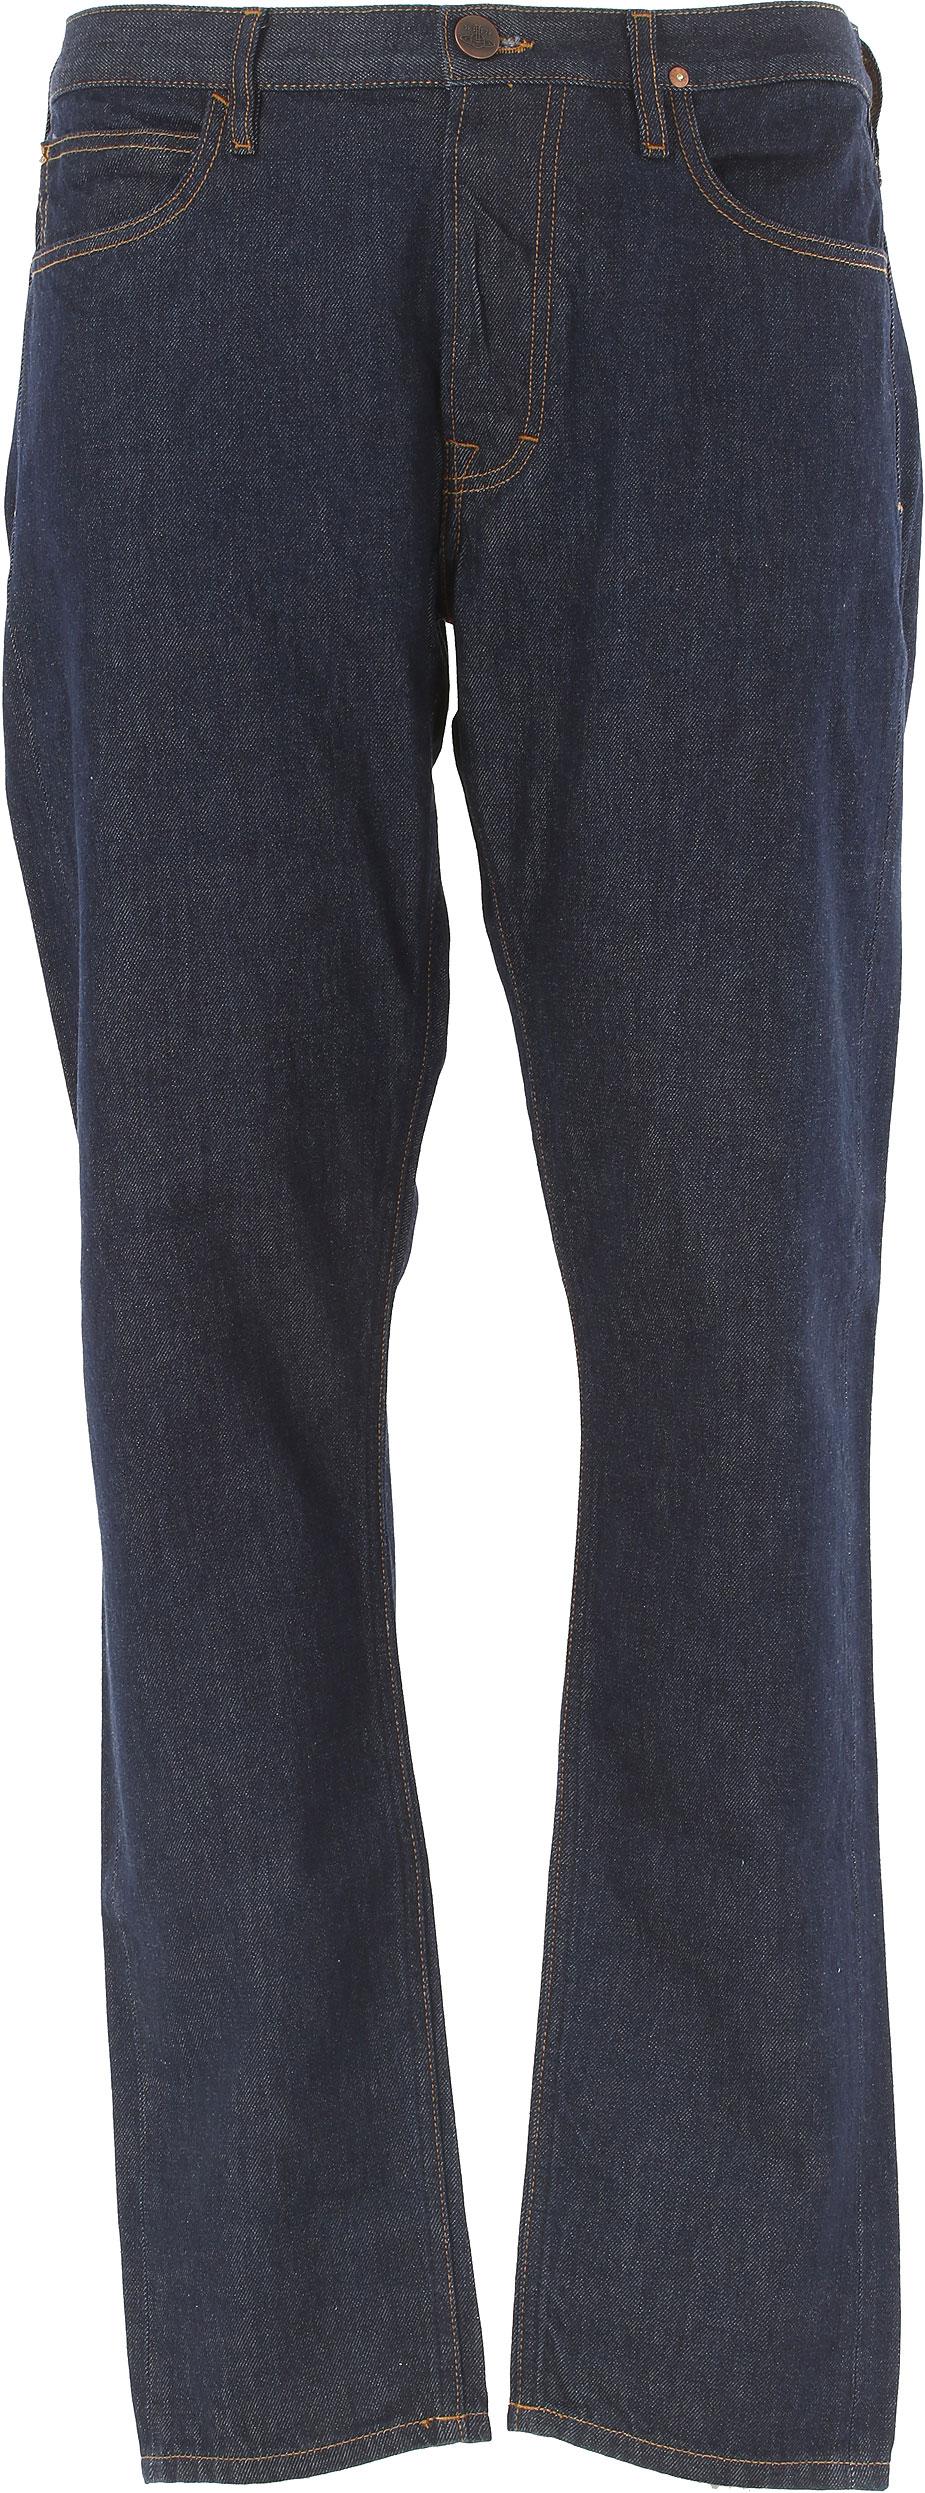 Ds0iwa Ds09s Abbigliamento Westwood Codice Vivienne Uomo Articolo iuXPkZO